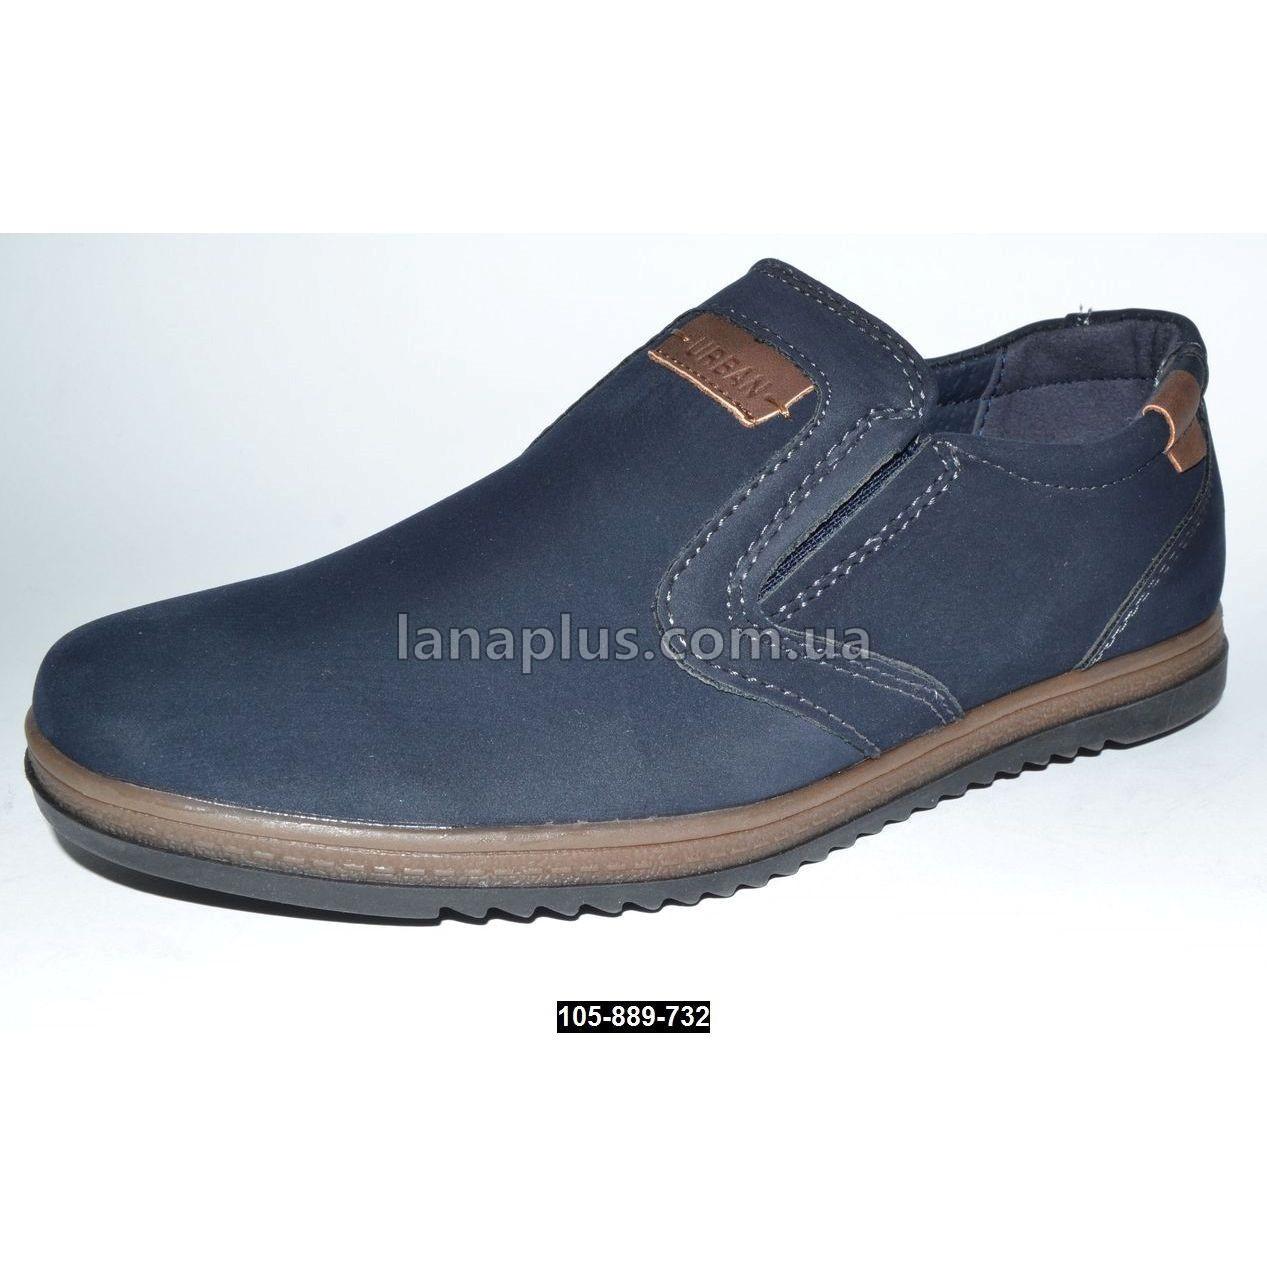 Туфли для мальчика 36 размер (23 см), супинатор, 105-889-732